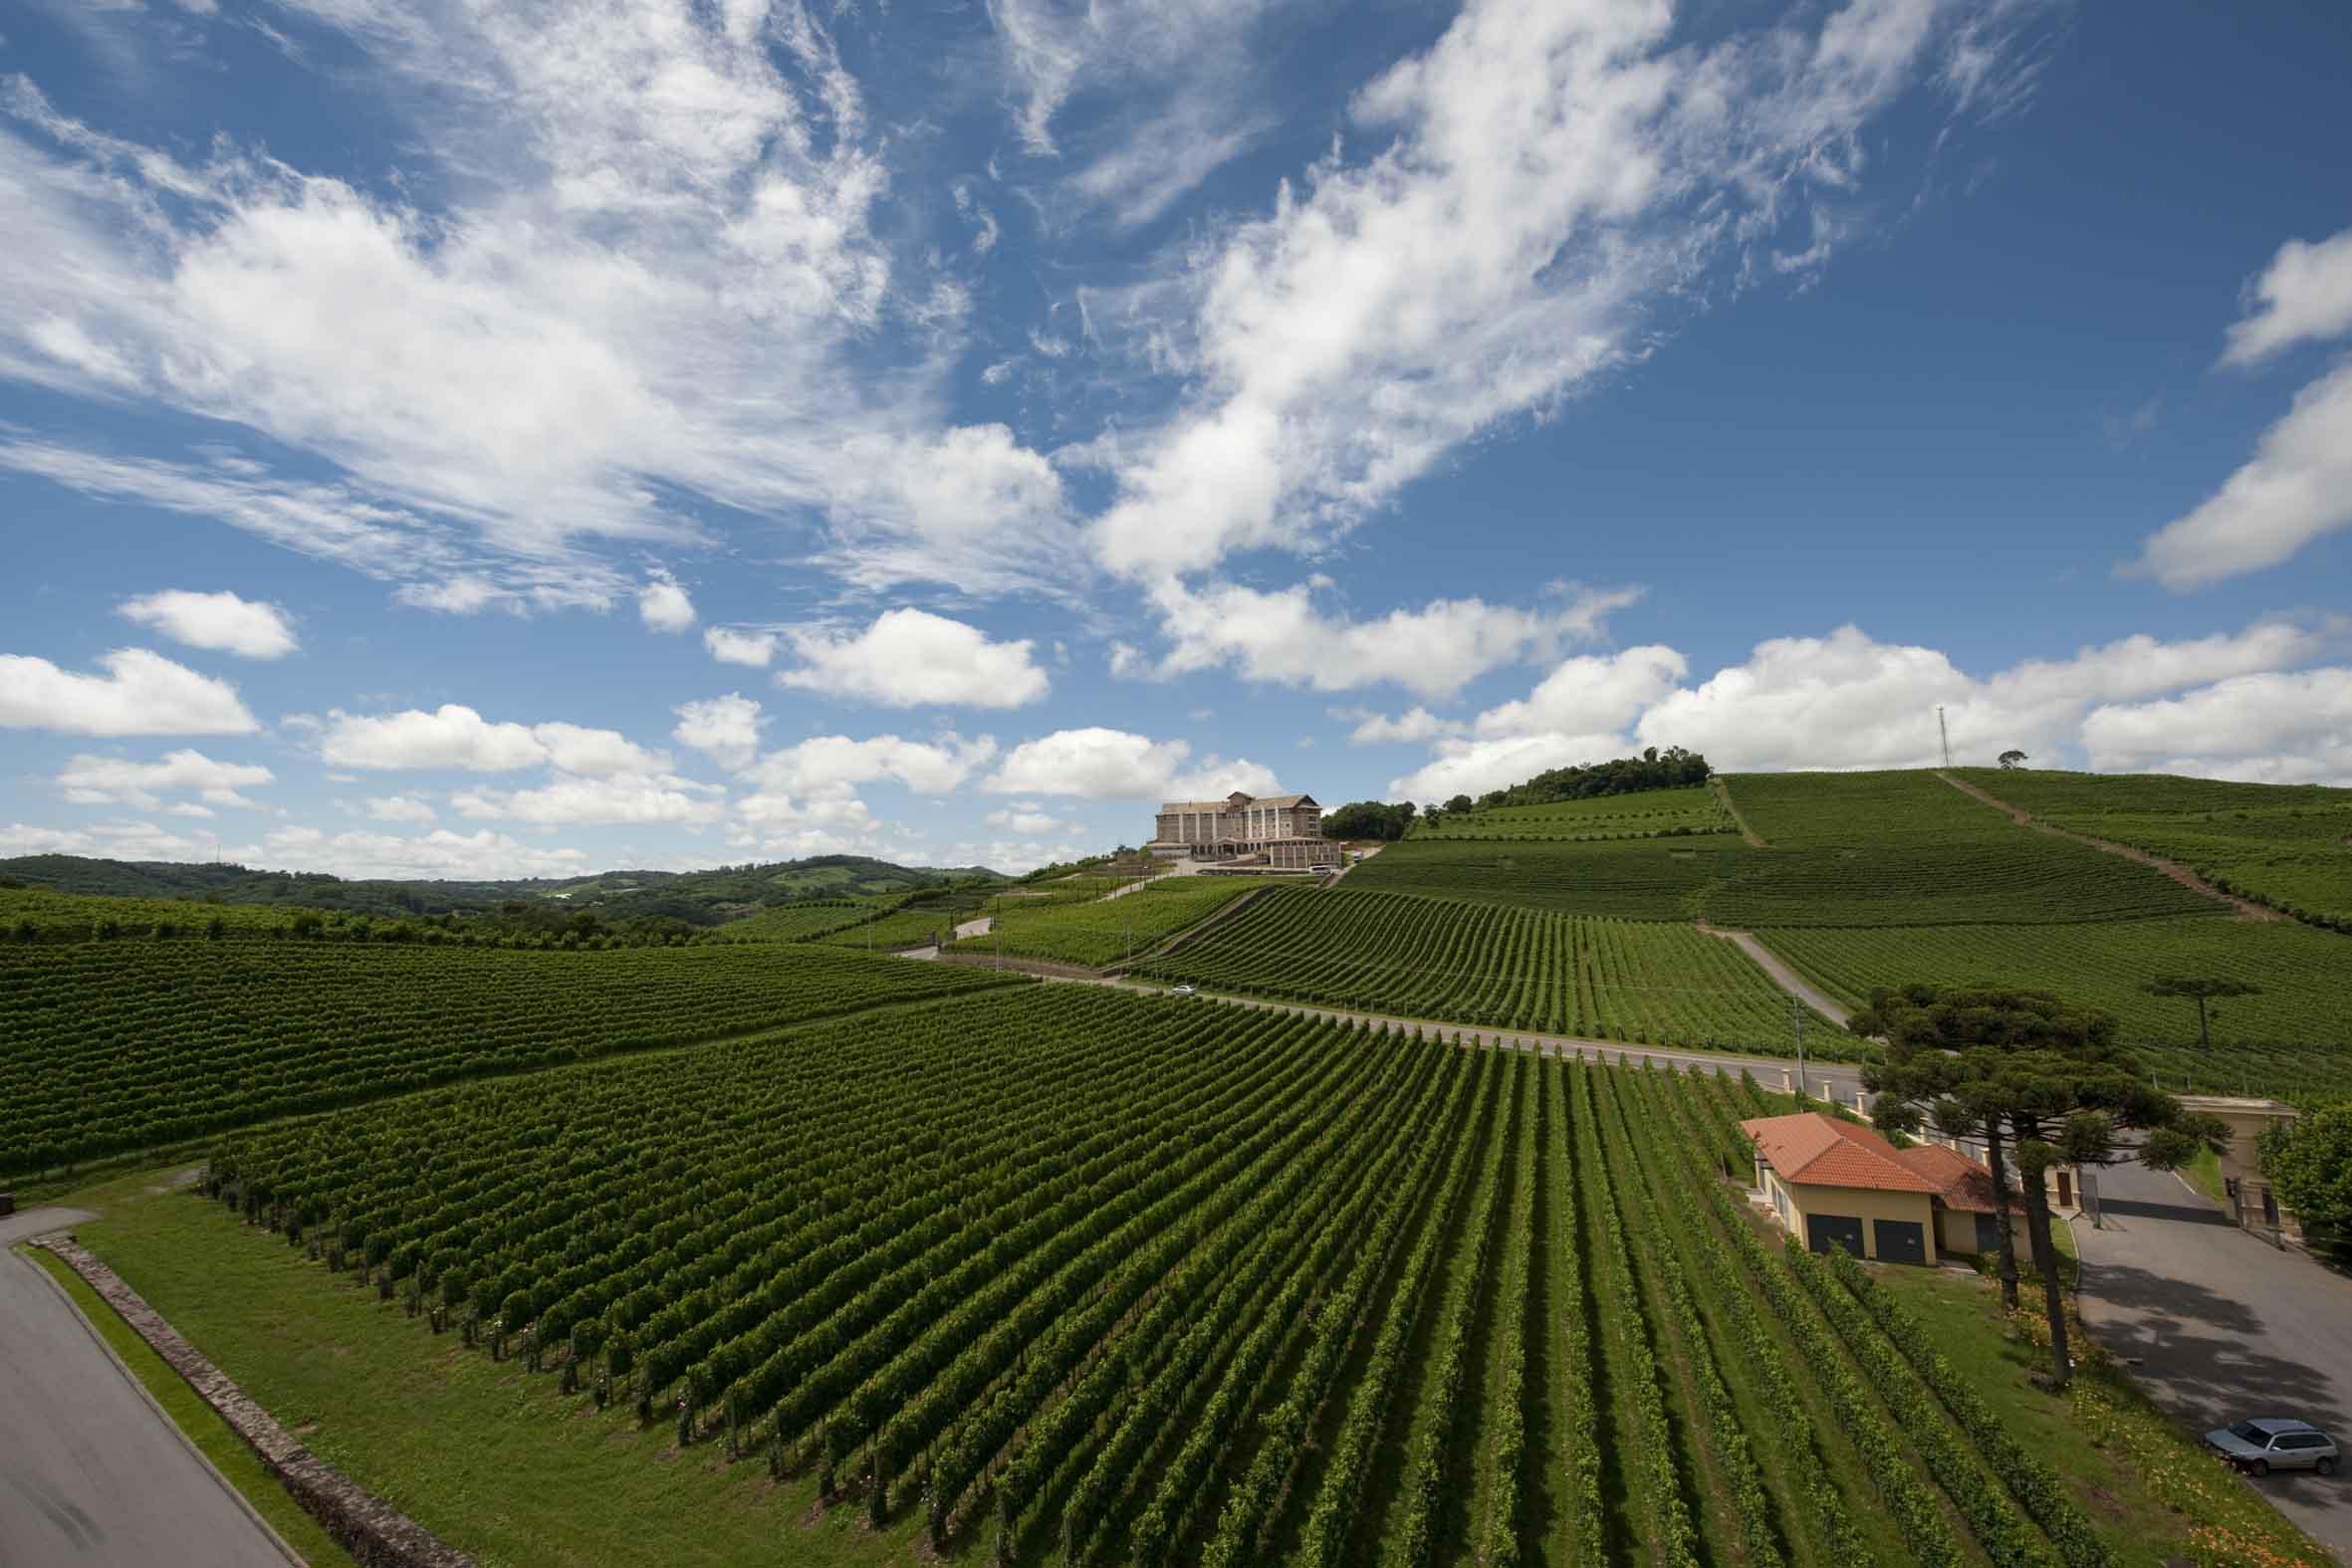 destinos no sul do brasil - rio grande do sul - vale dos vinhedos - bento gonçalves - vinícola miolo